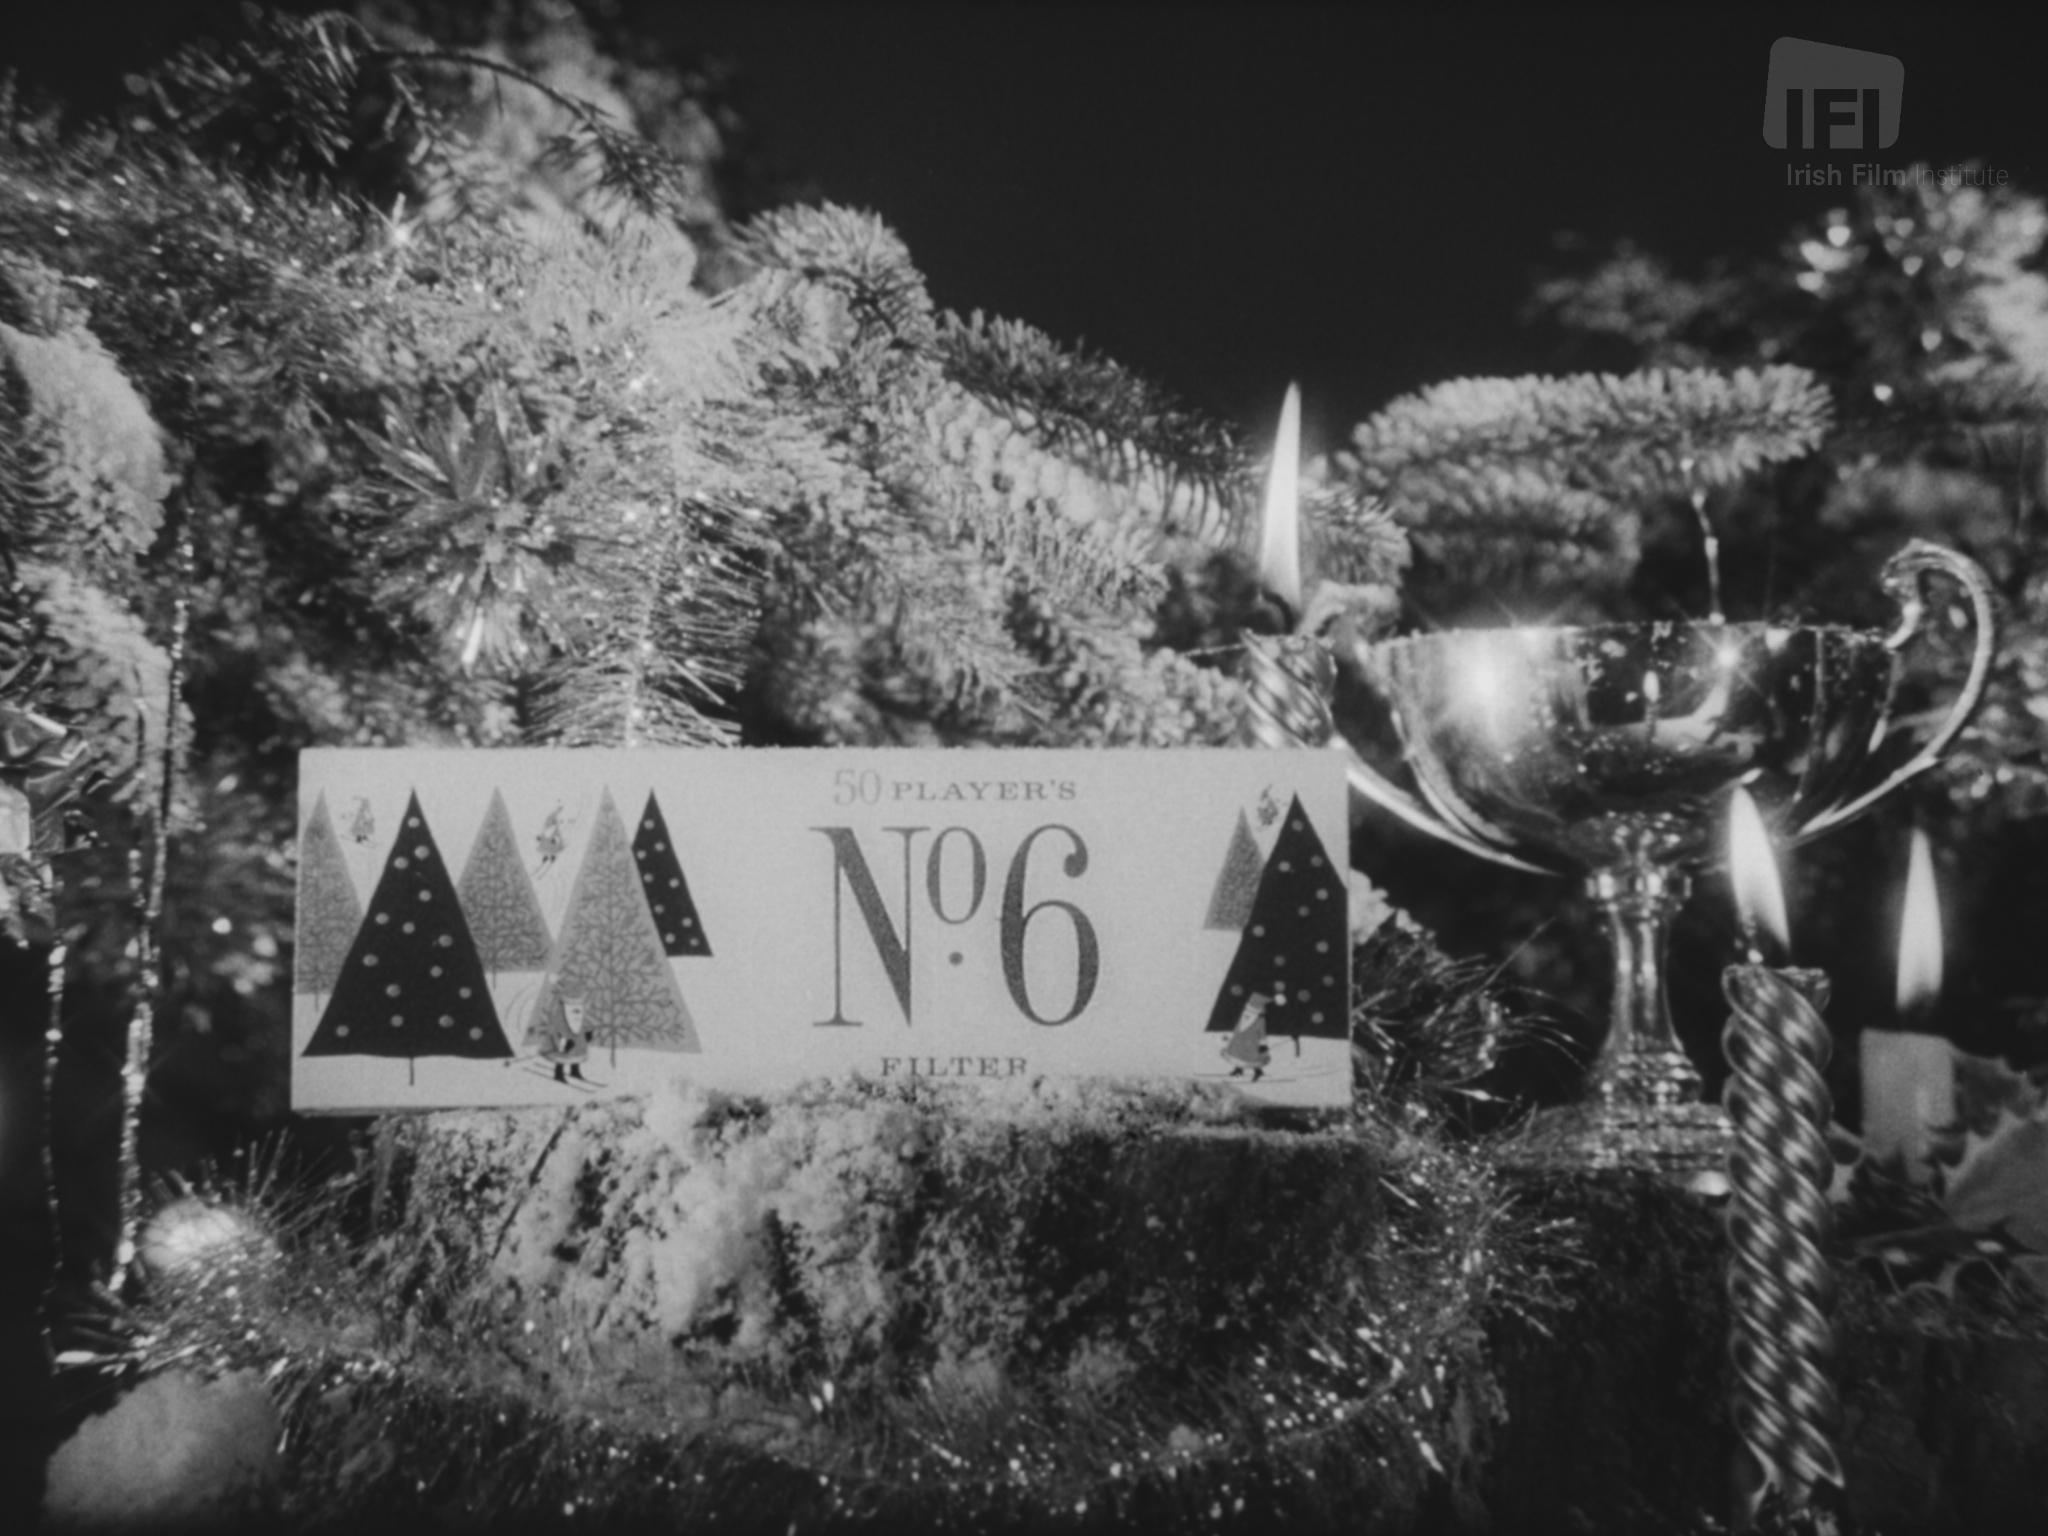 Players No.6: Christmas